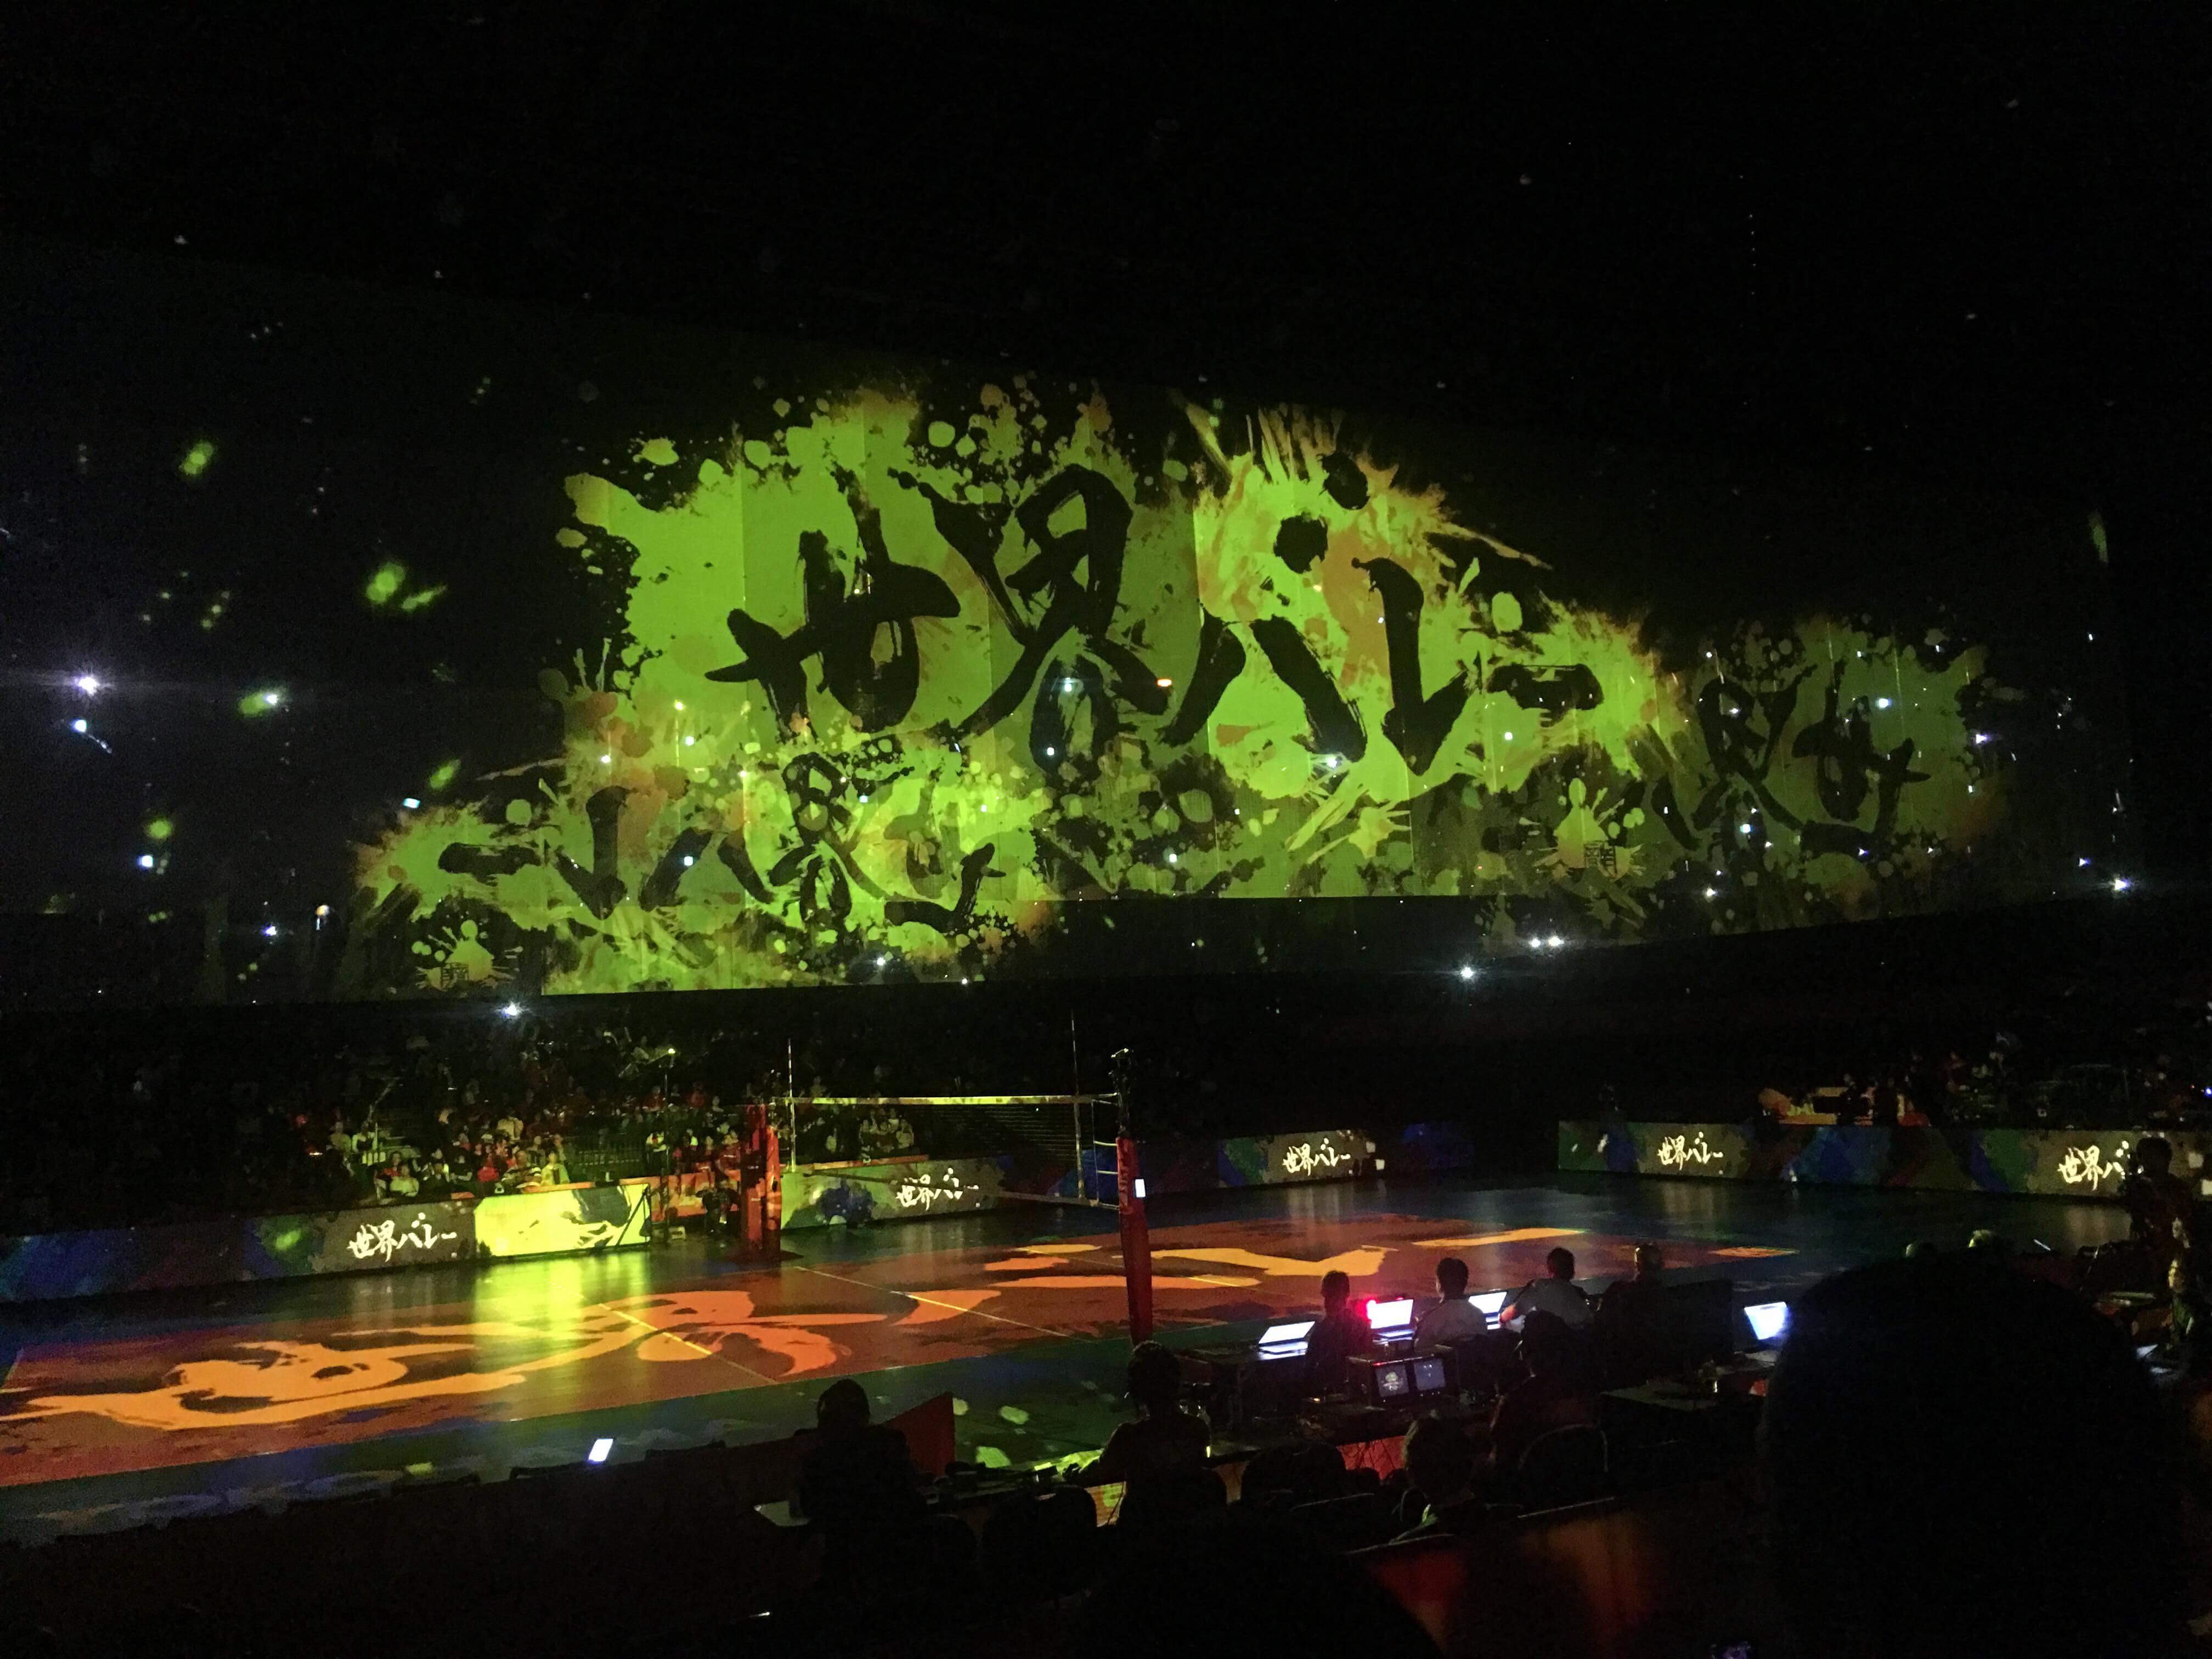 「2018 世界バレー」開会セレモニー(横浜アリーナ)/作品『世界バレ』